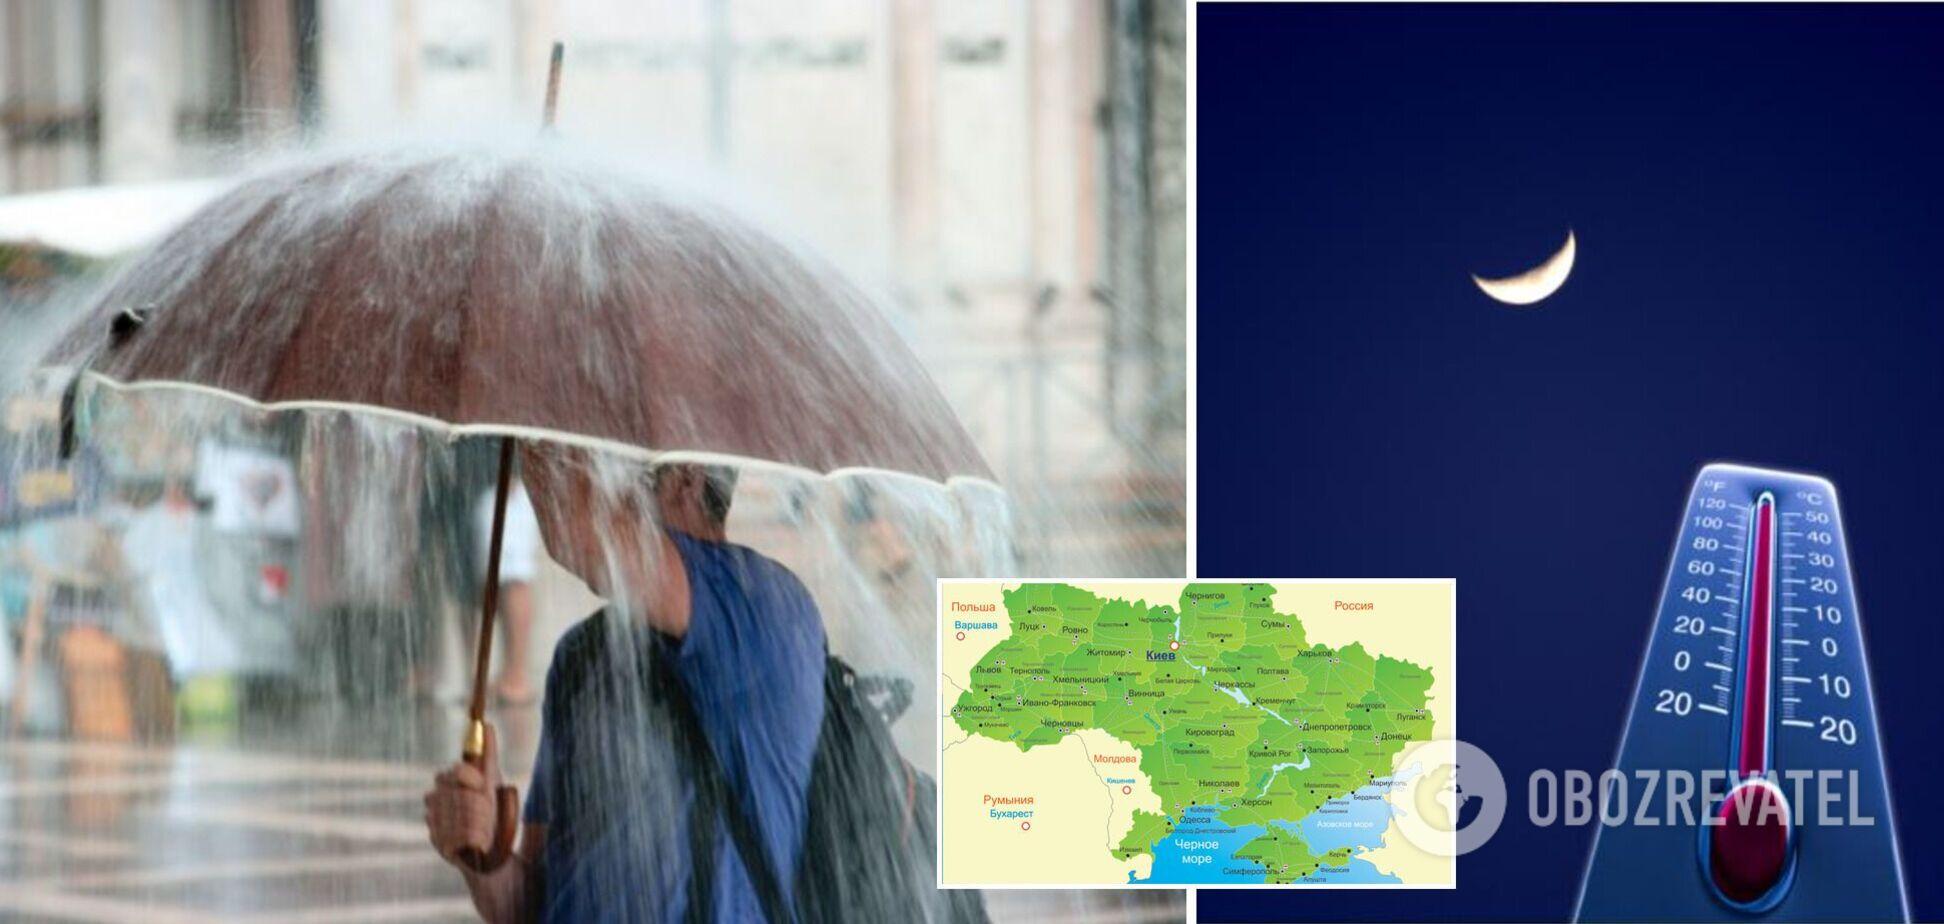 Тропічні ночі, потужні зливи і потопи: озвучений прогноз щодо змін клімату в Україні